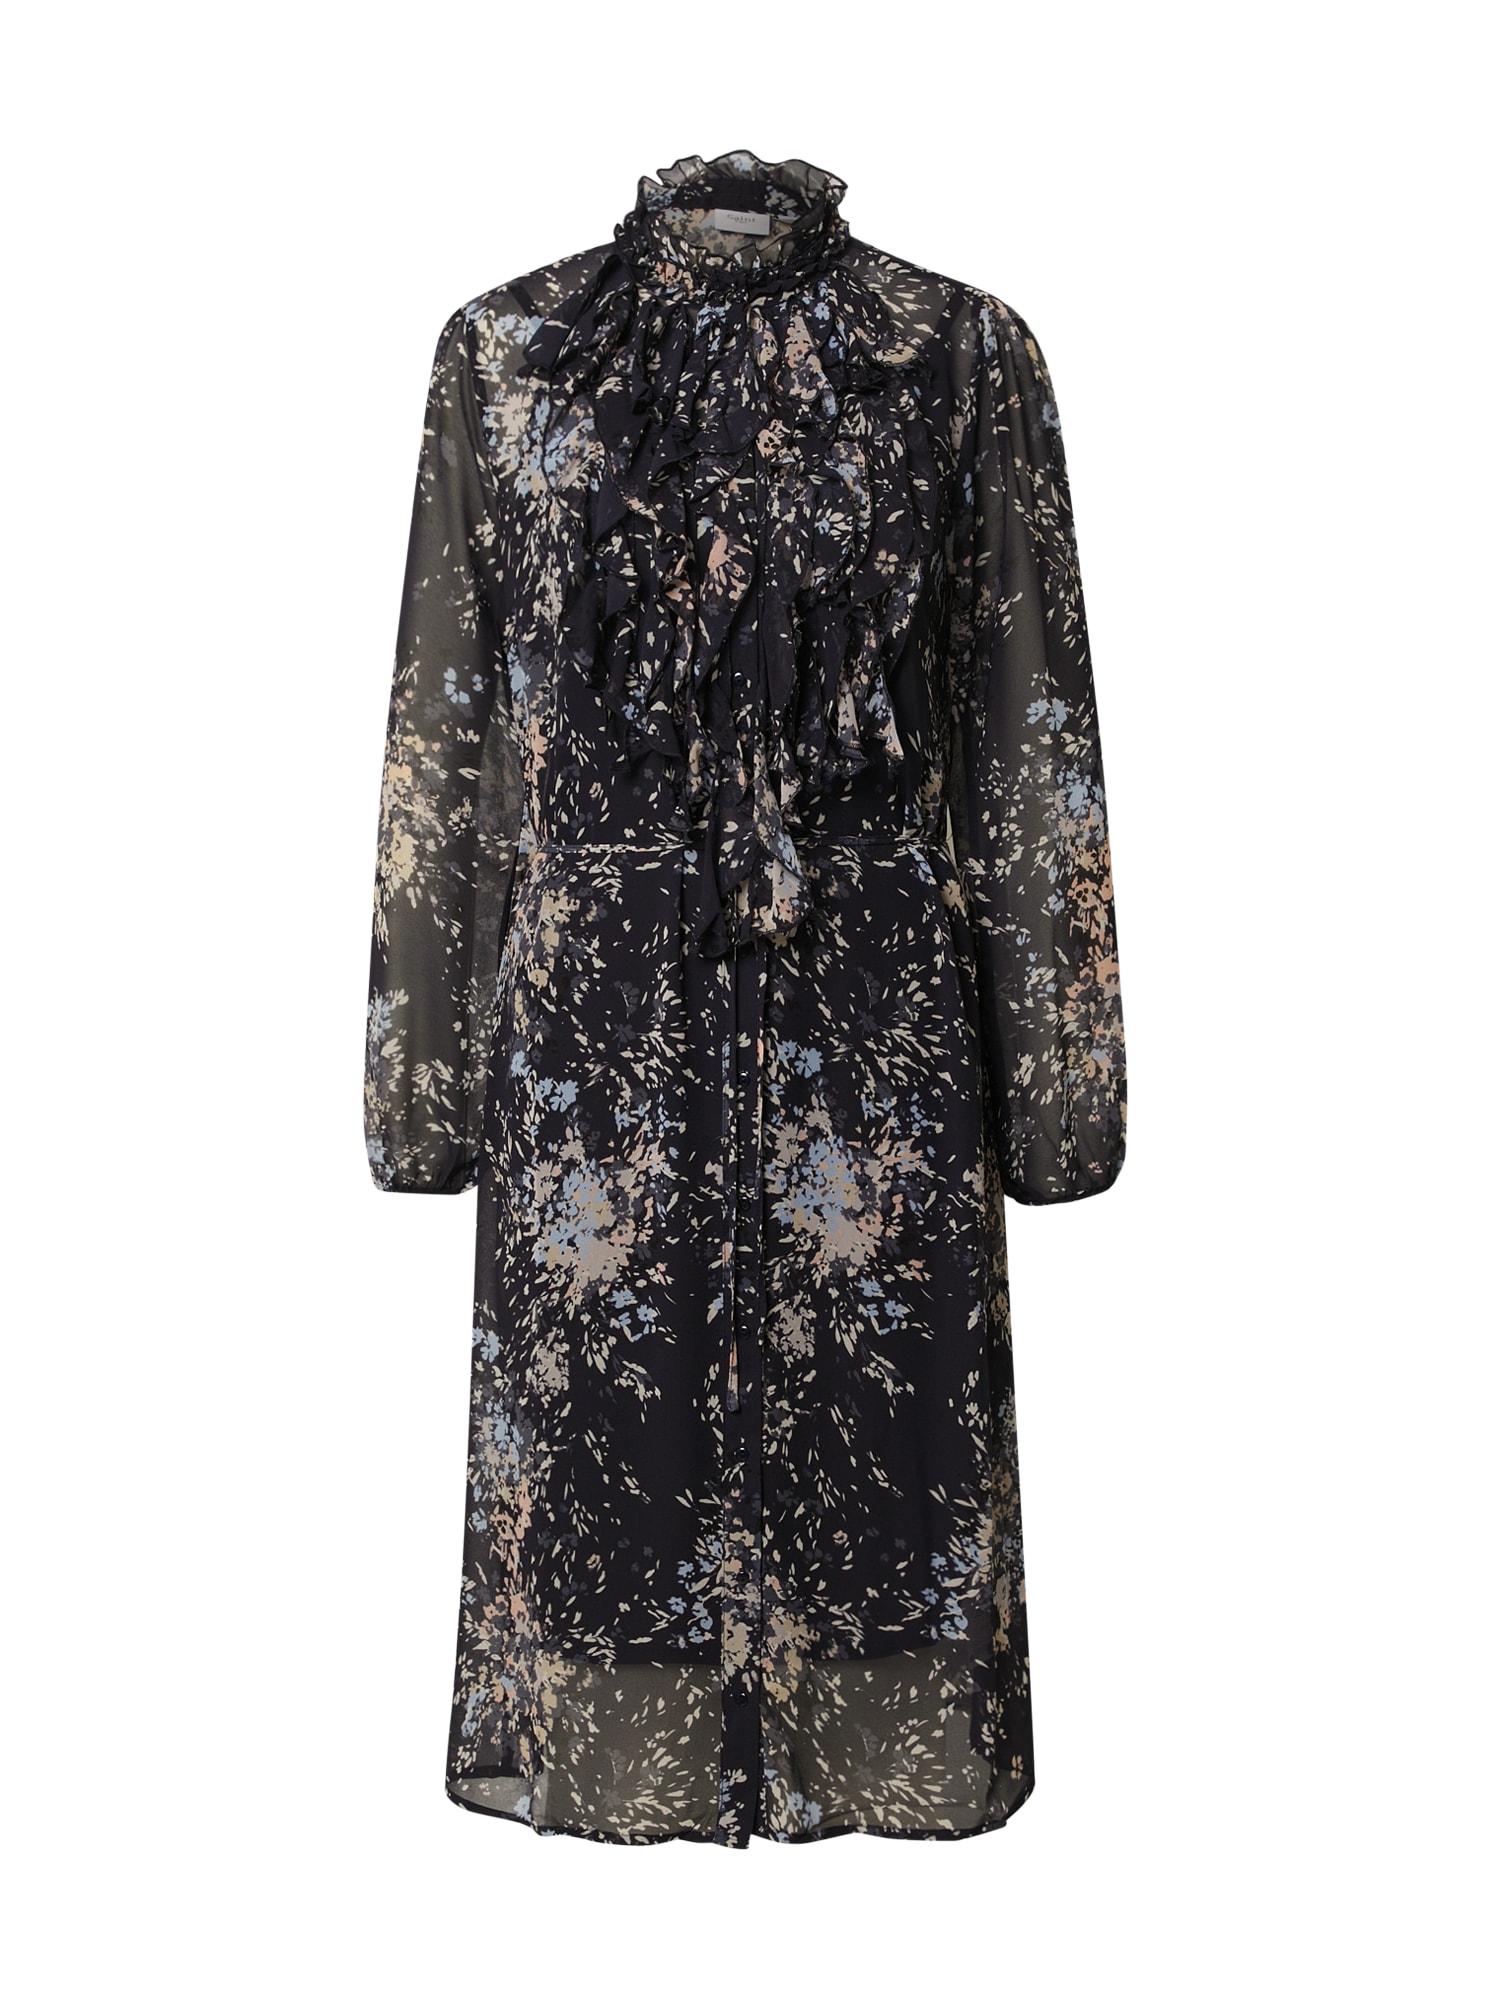 SAINT TROPEZ Palaidinės tipo suknelė nakties mėlyna / mišrios spalvos